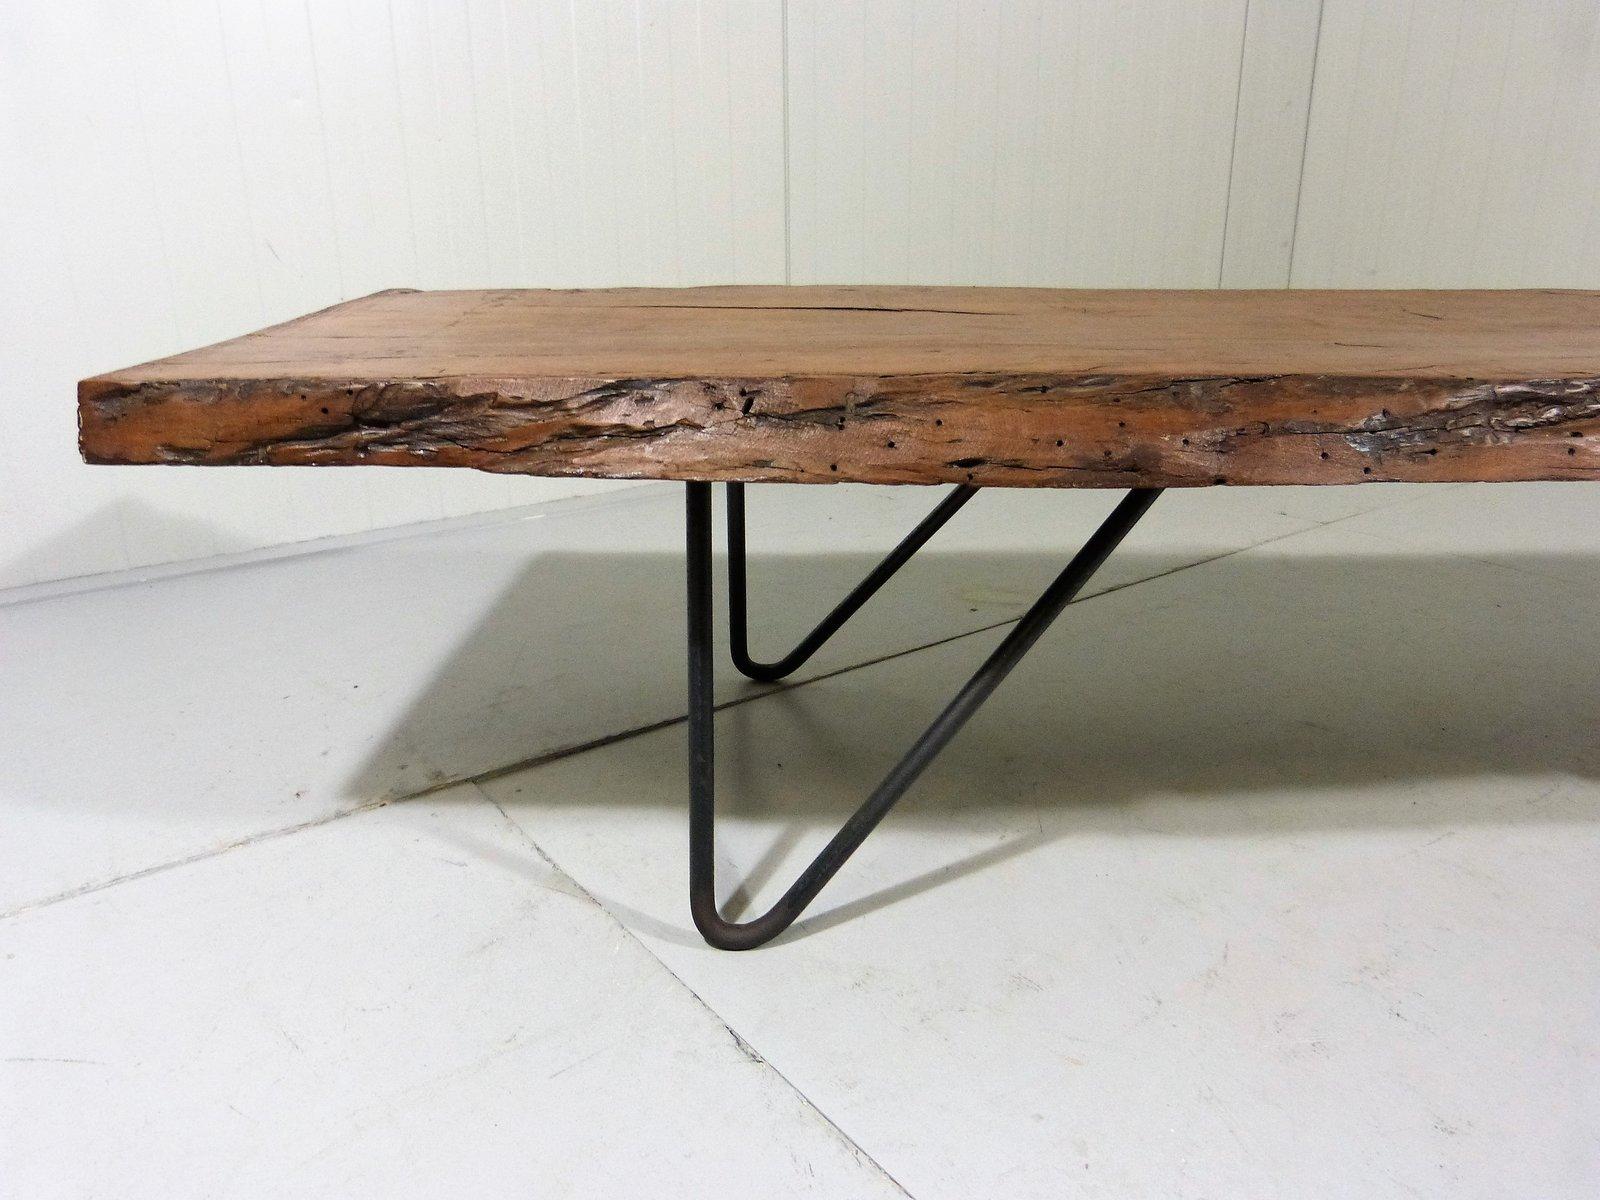 gro er upcycelter vintage baumstamm couchtisch bei pamono kaufen. Black Bedroom Furniture Sets. Home Design Ideas